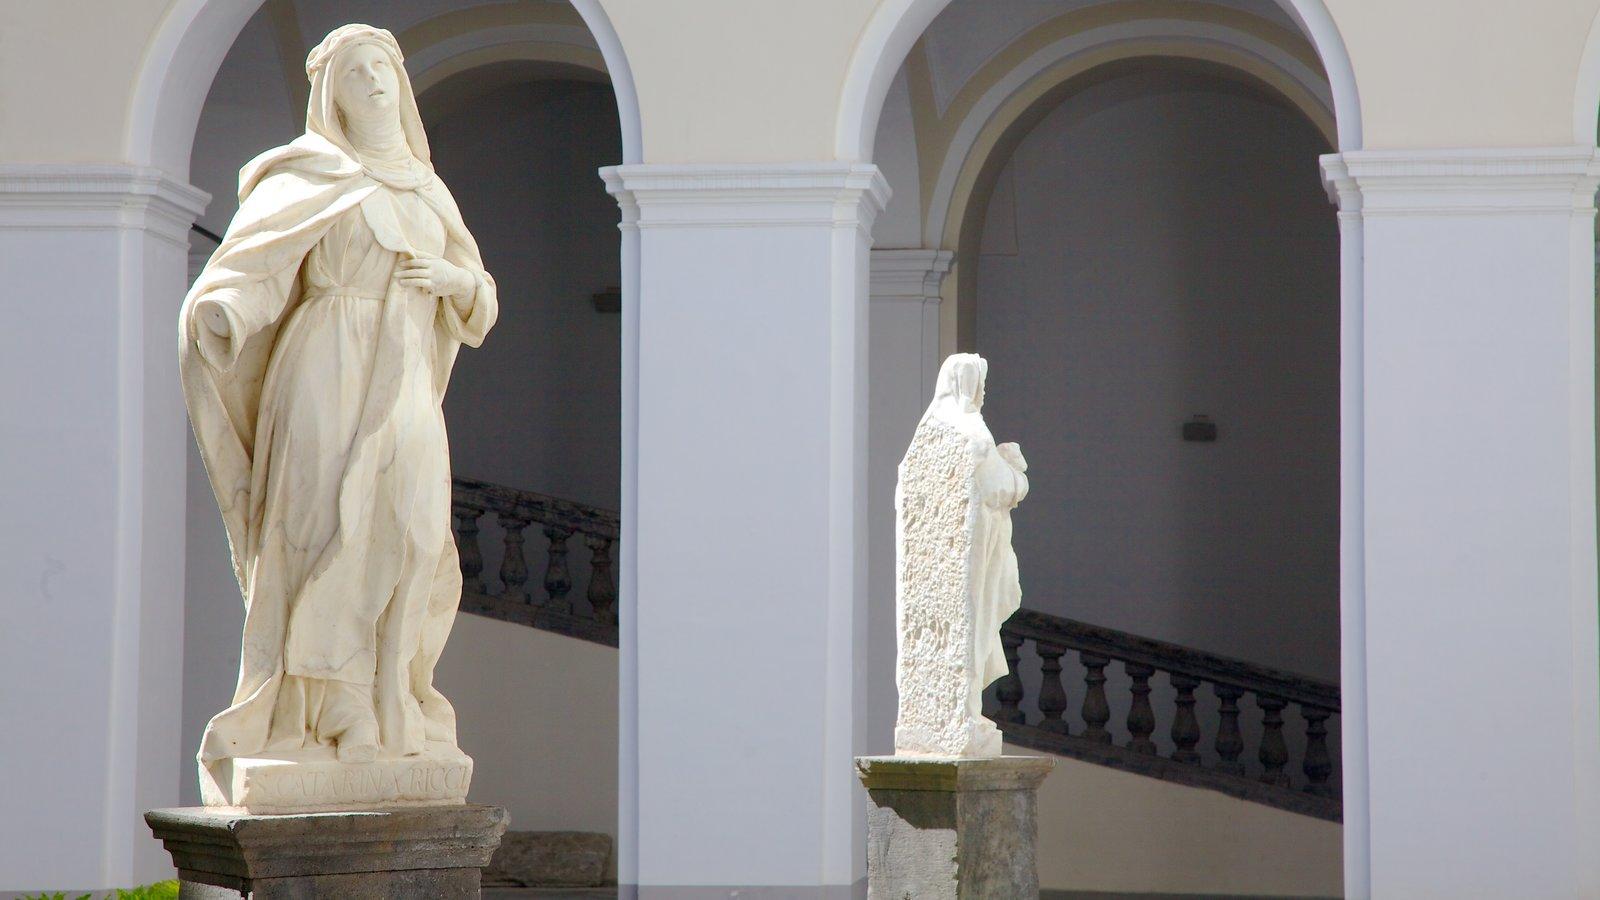 Piazza San Domenico Maggiore caracterizando aspectos religiosos e uma estátua ou escultura